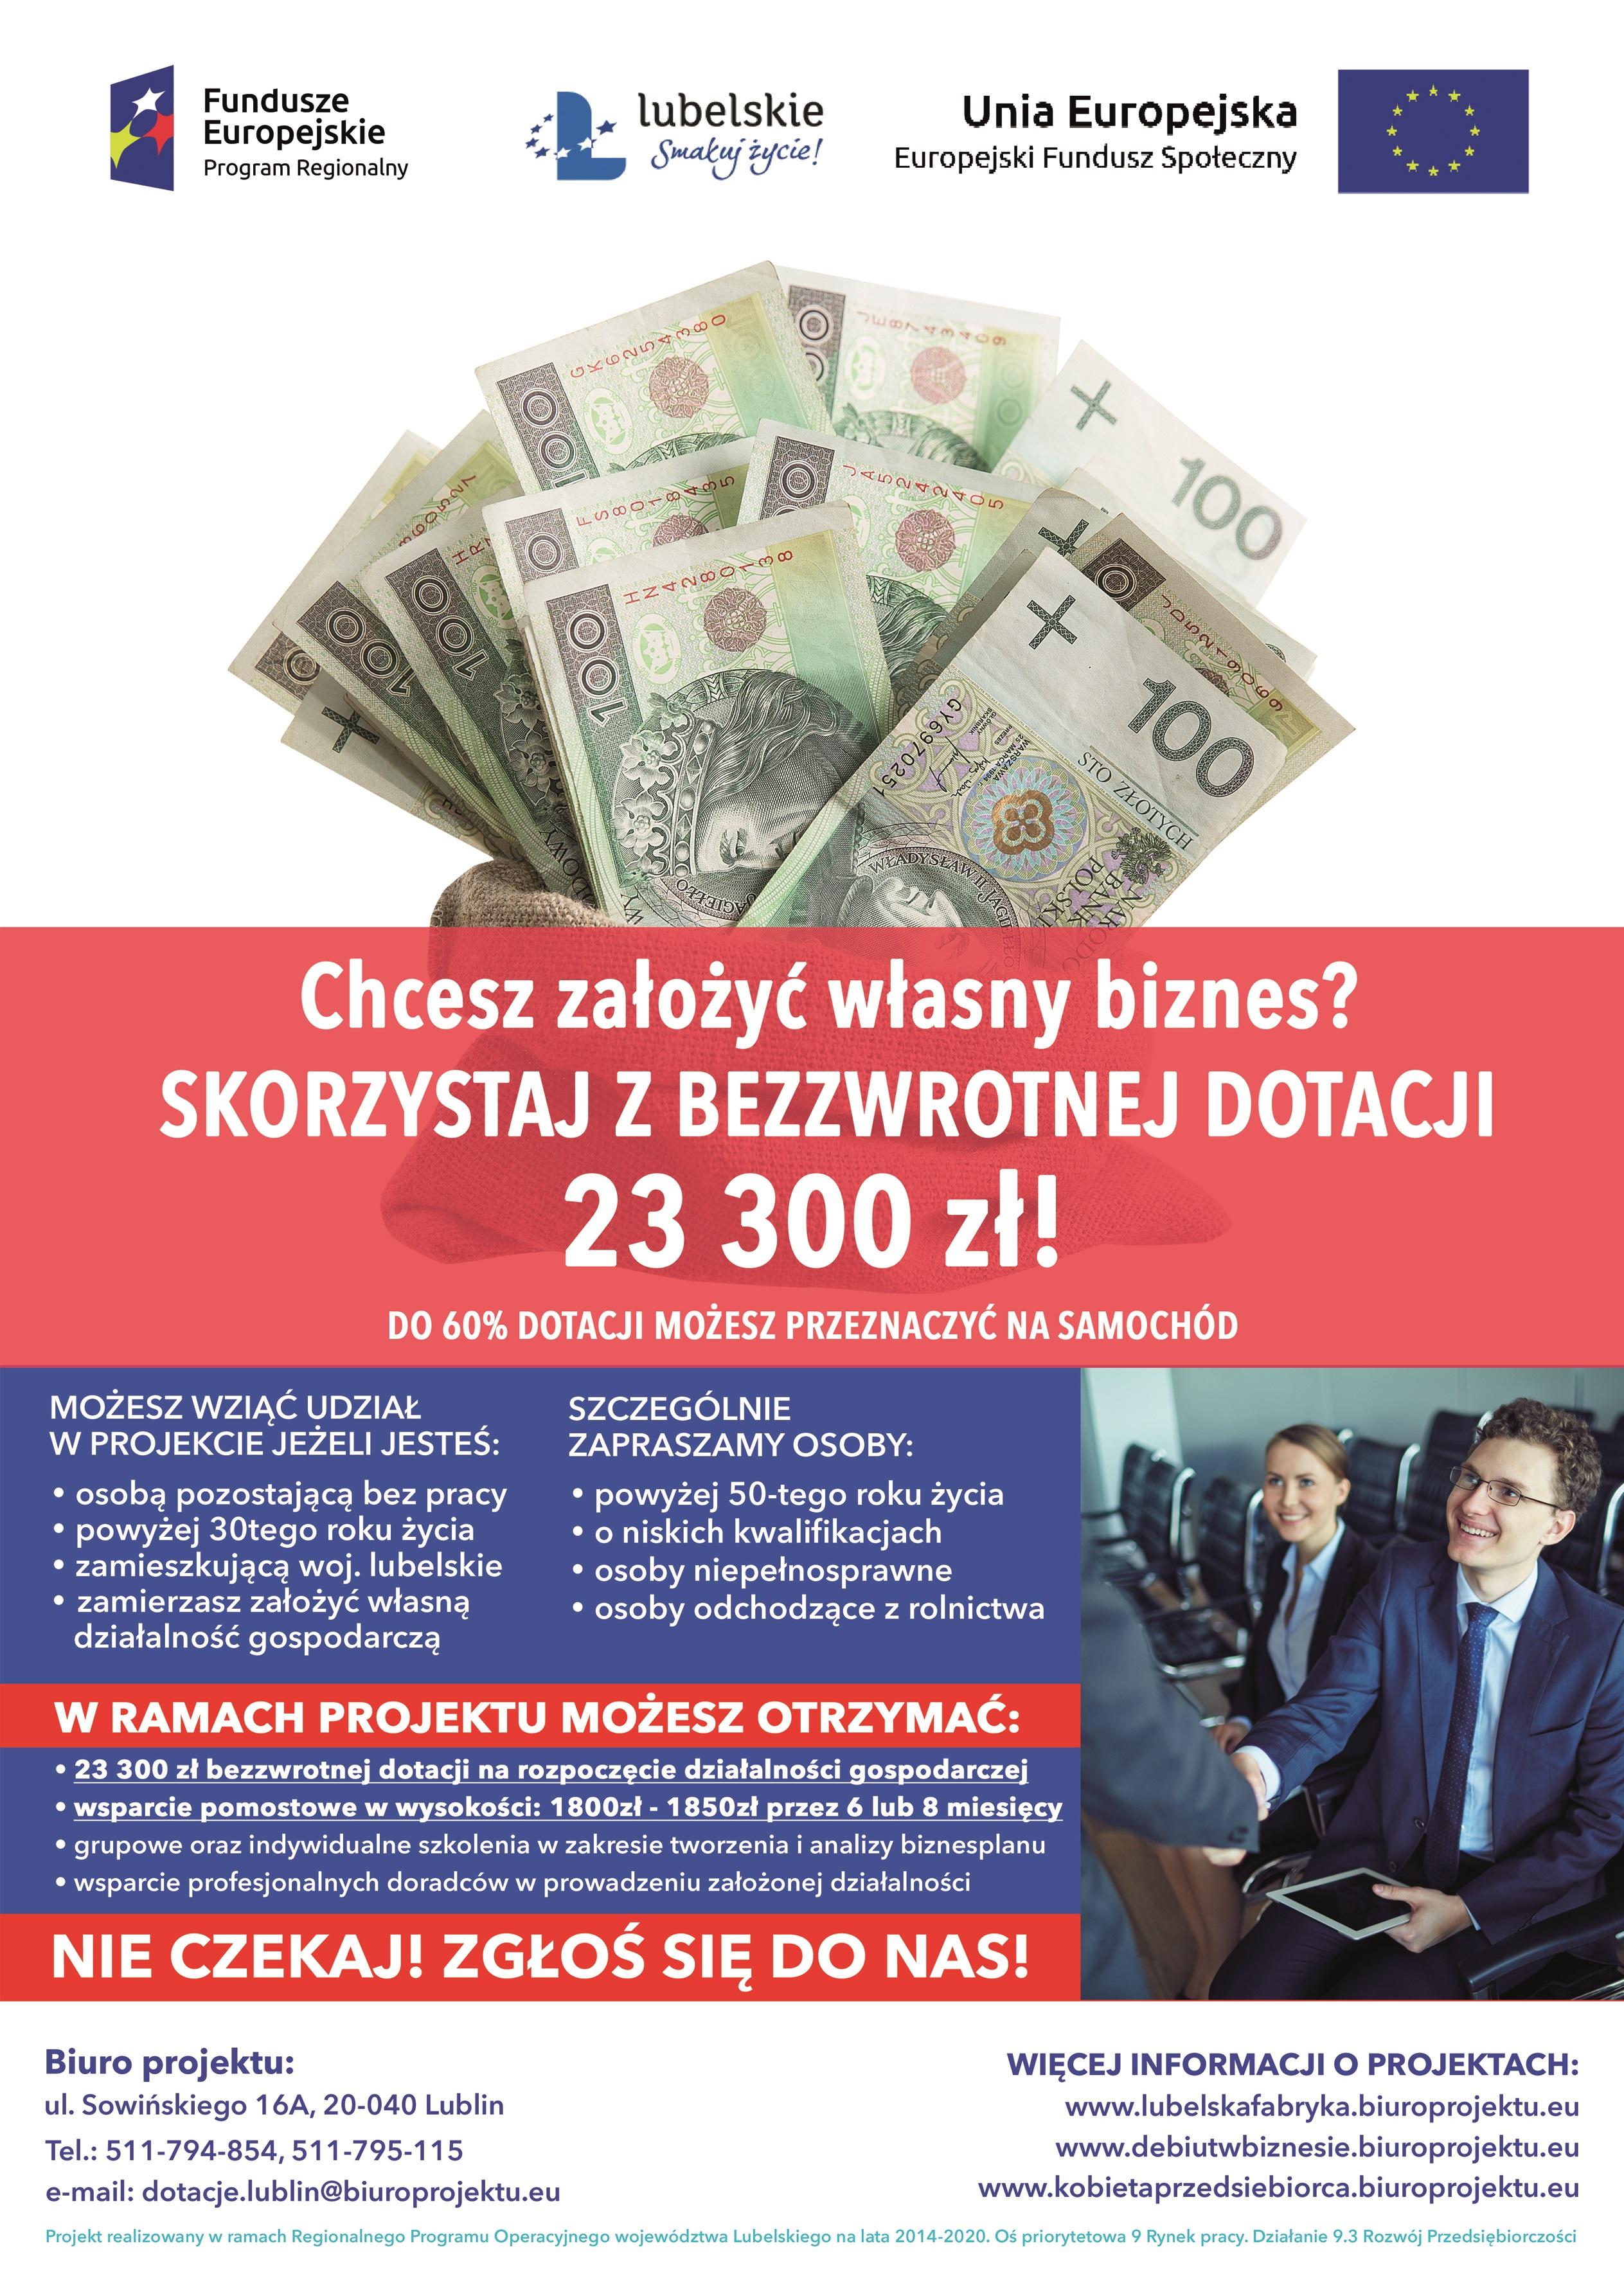 Projekt dotacyjny finansowany ze środków unijnych